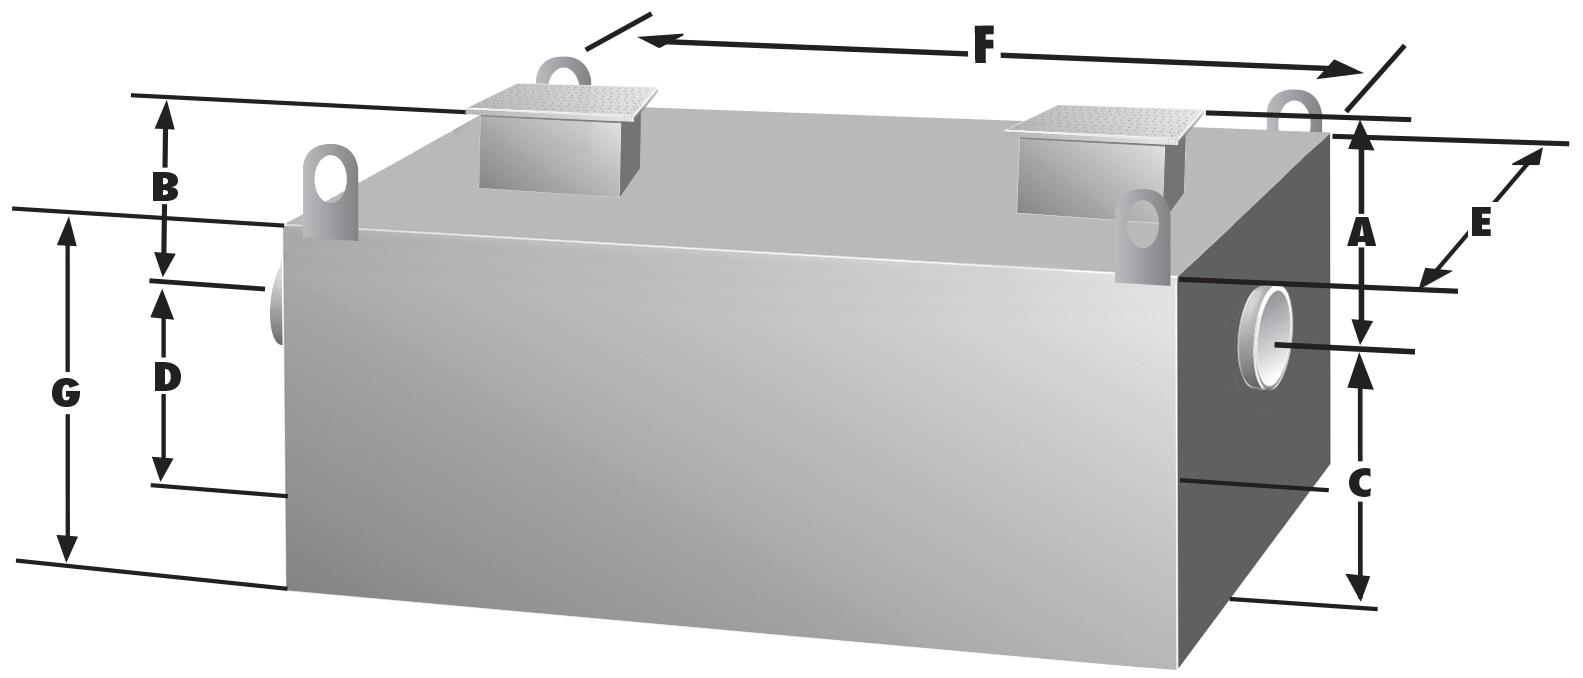 ROI-1250 Image